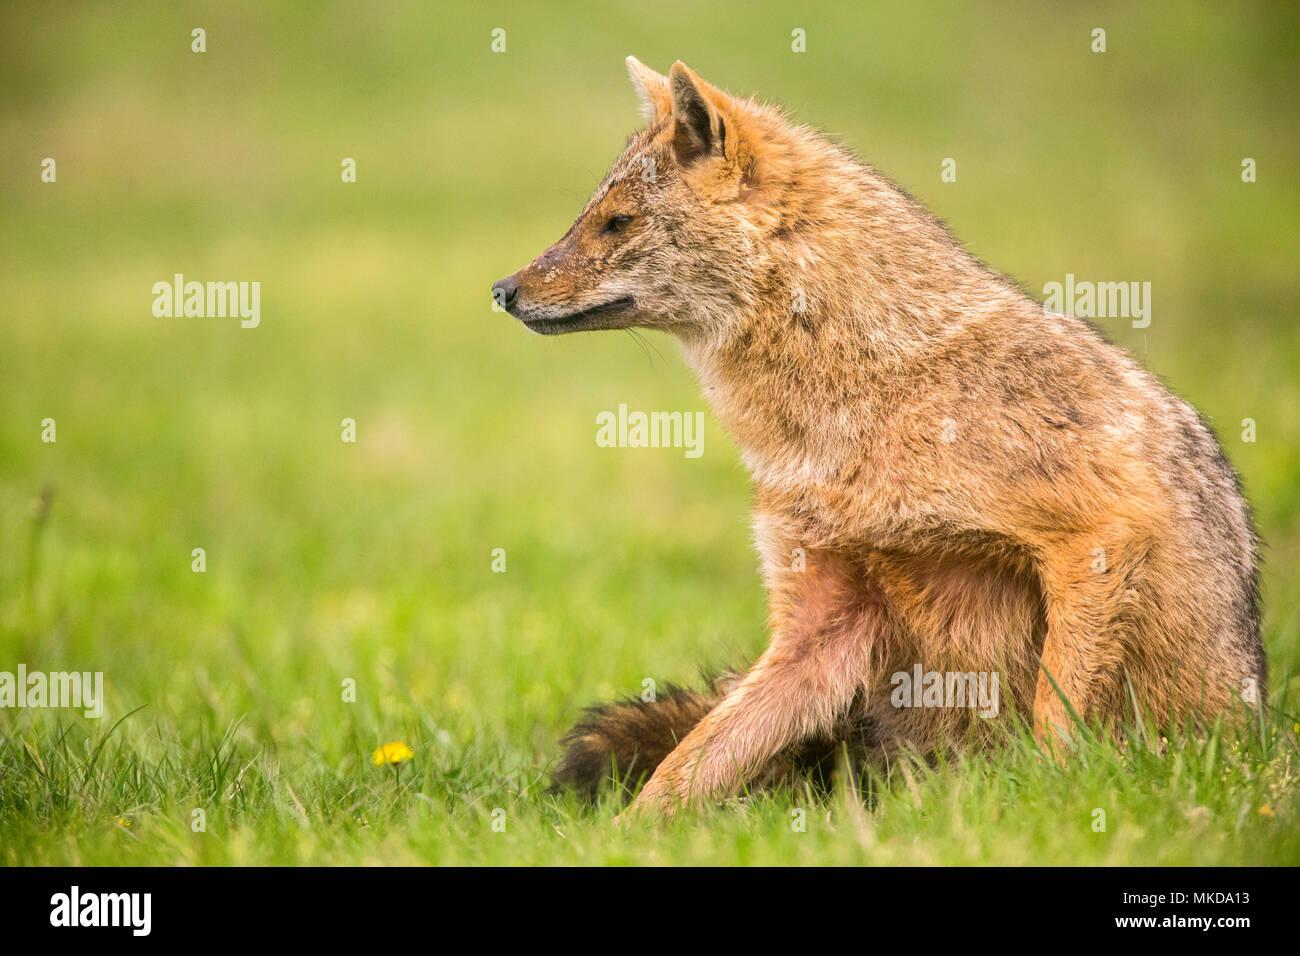 European jackal (Canis aureus moreoticus), Danube Delta, Romania Stock Photo